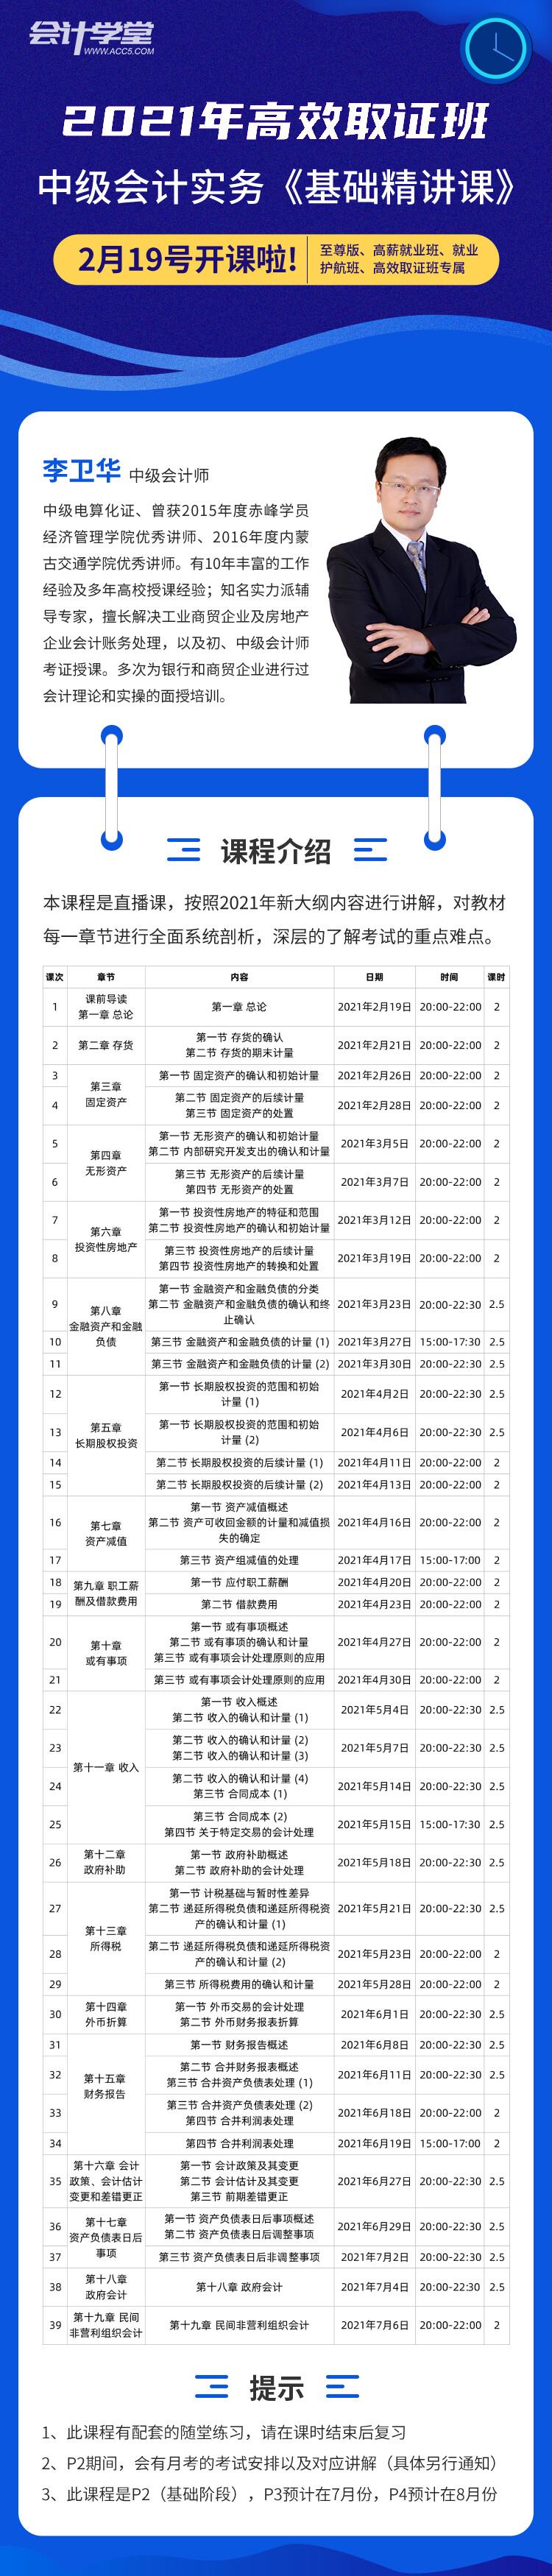 中级会计实务-李卫华.jpg